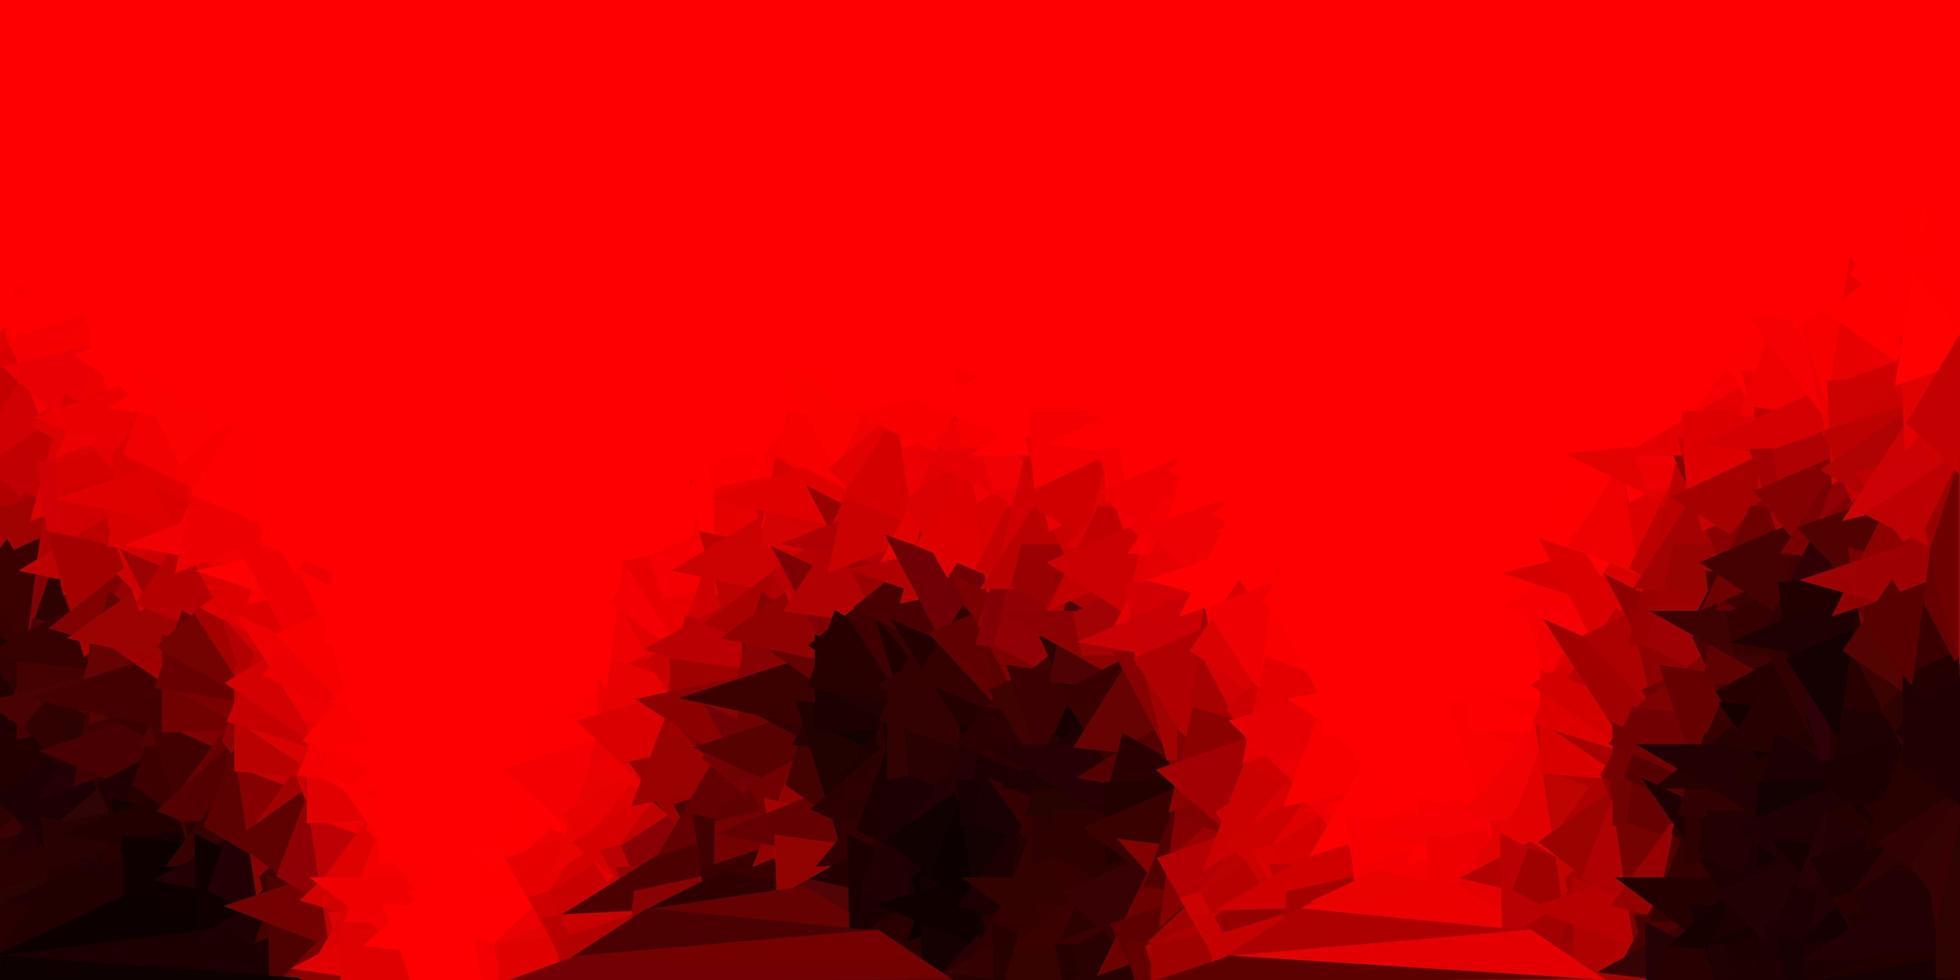 cenário de triângulo abstrato de vetor vermelho escuro.